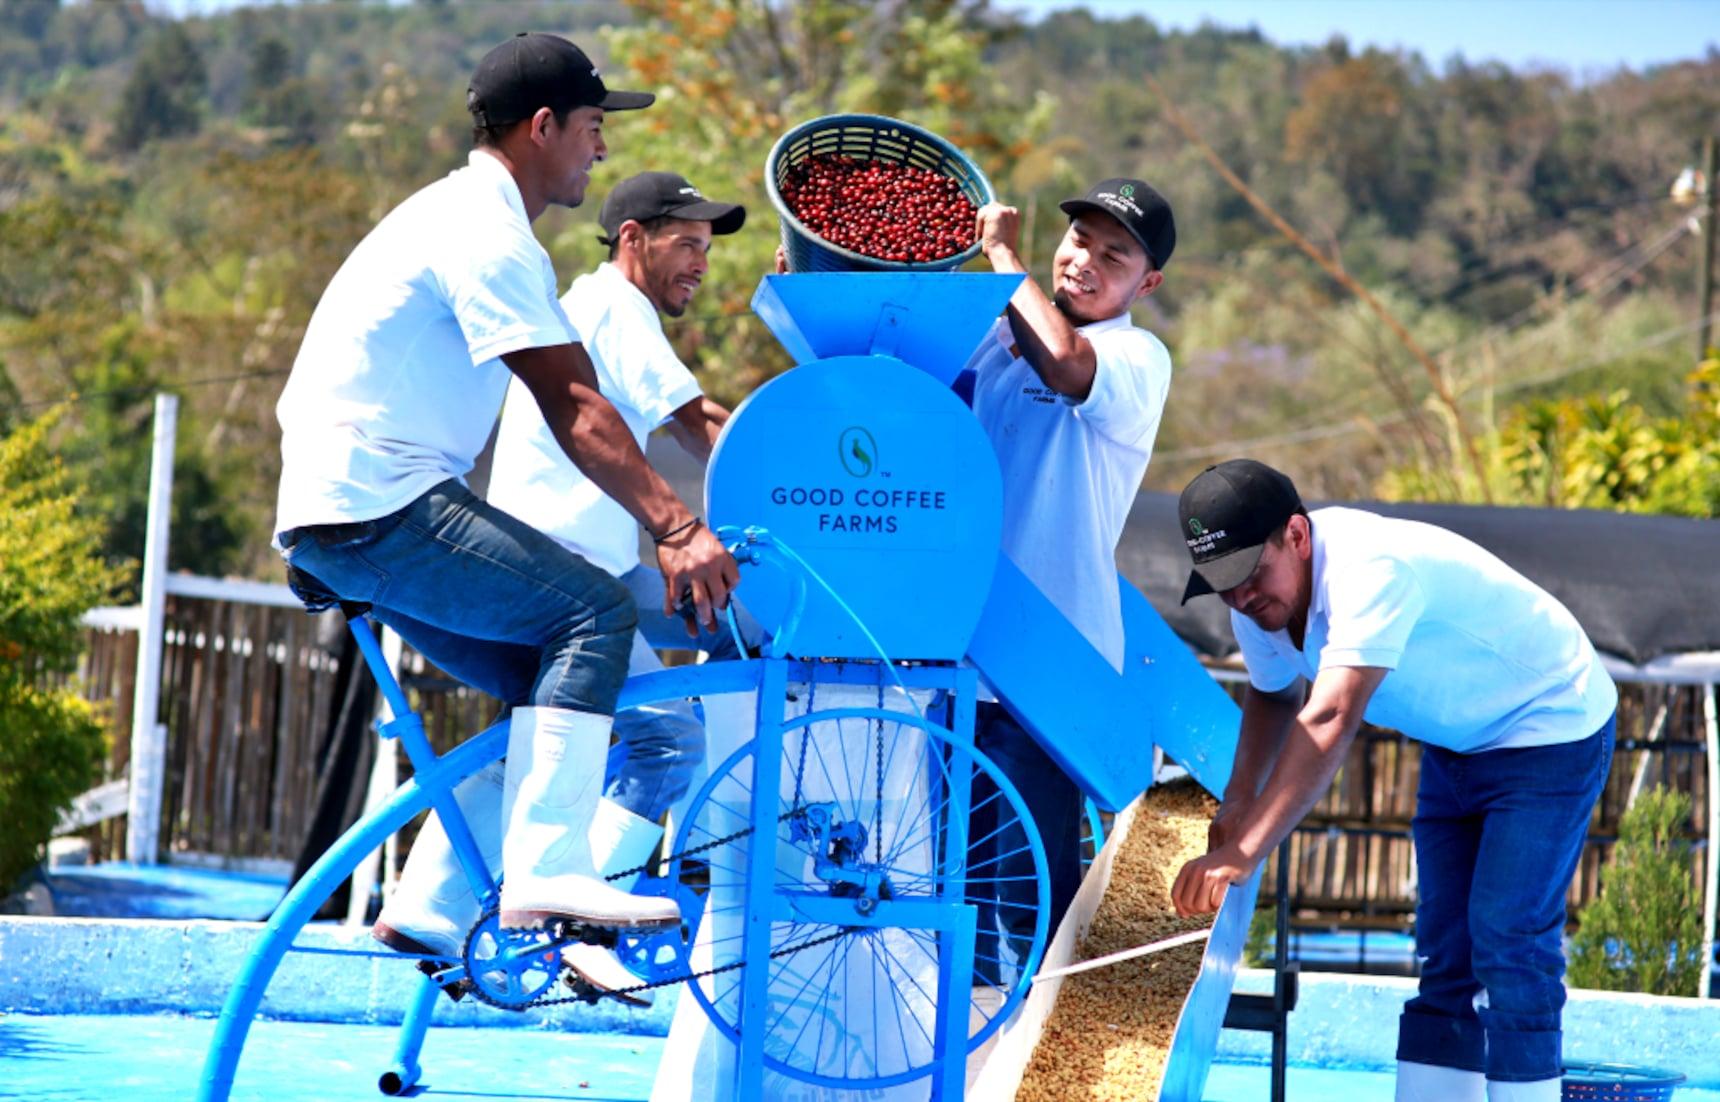 【日本話題】友善環境的腳踏車咖啡「GOOD COFFEE FARMS」